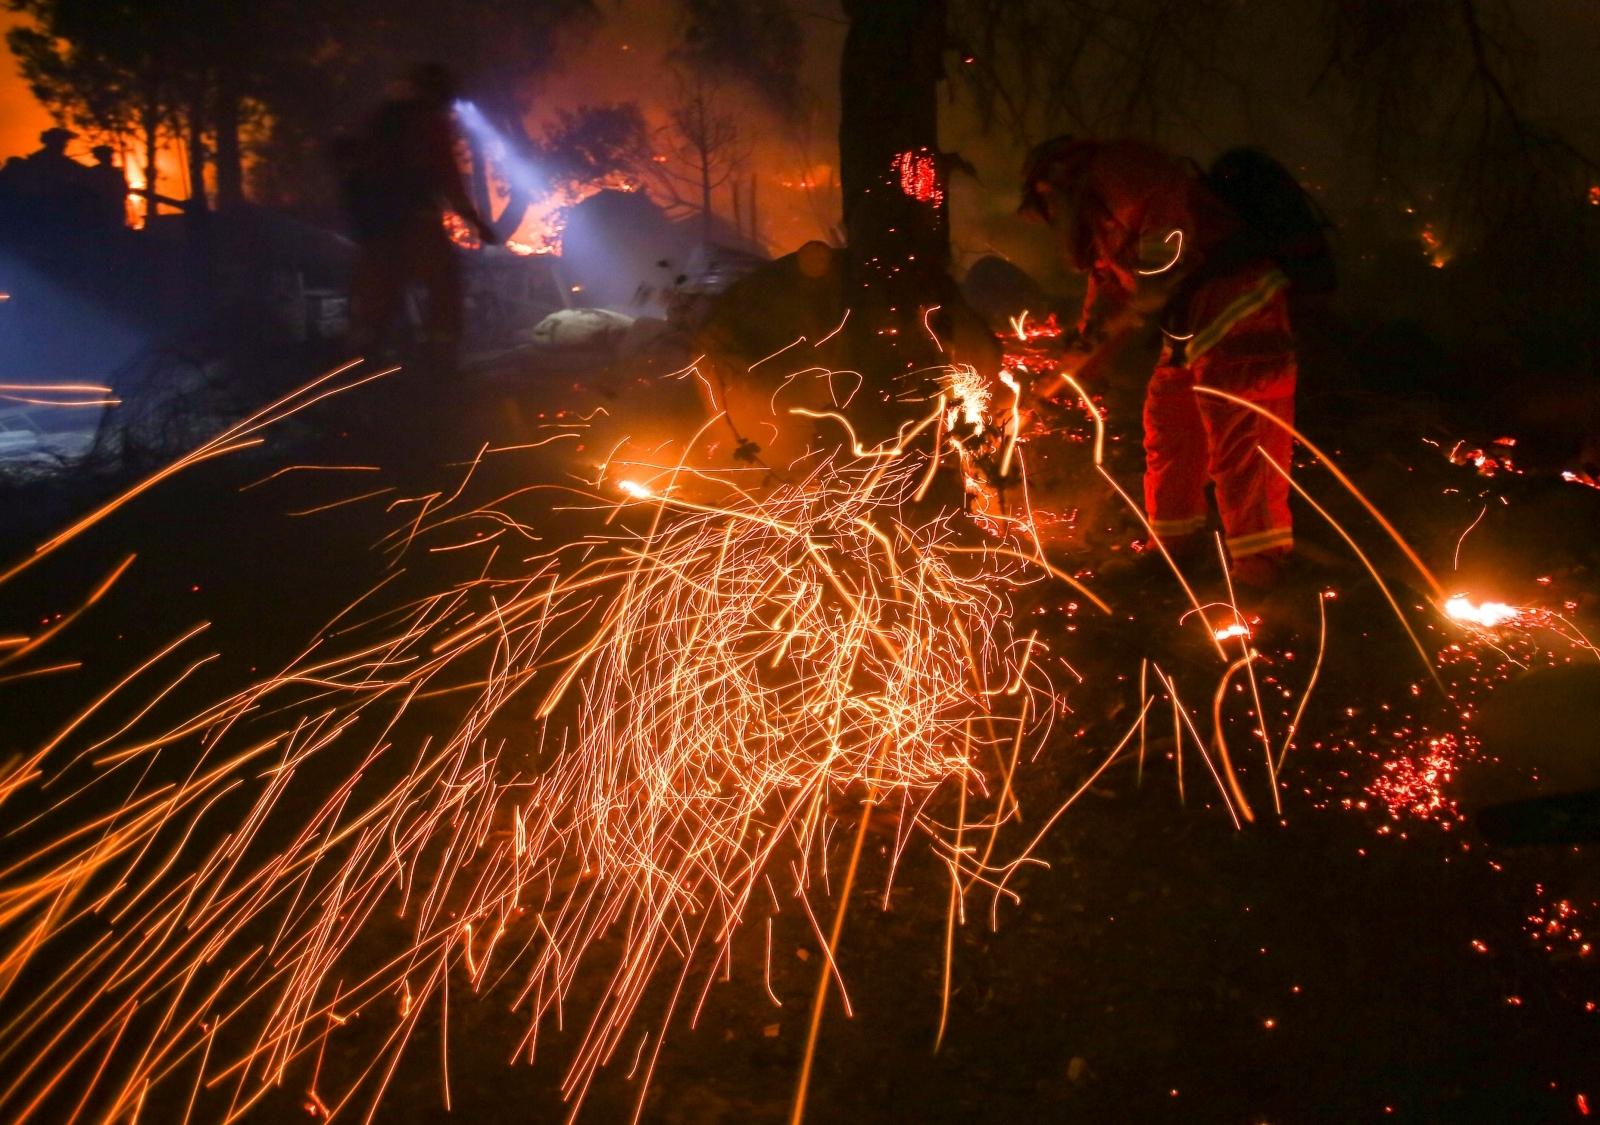 Thomas fire